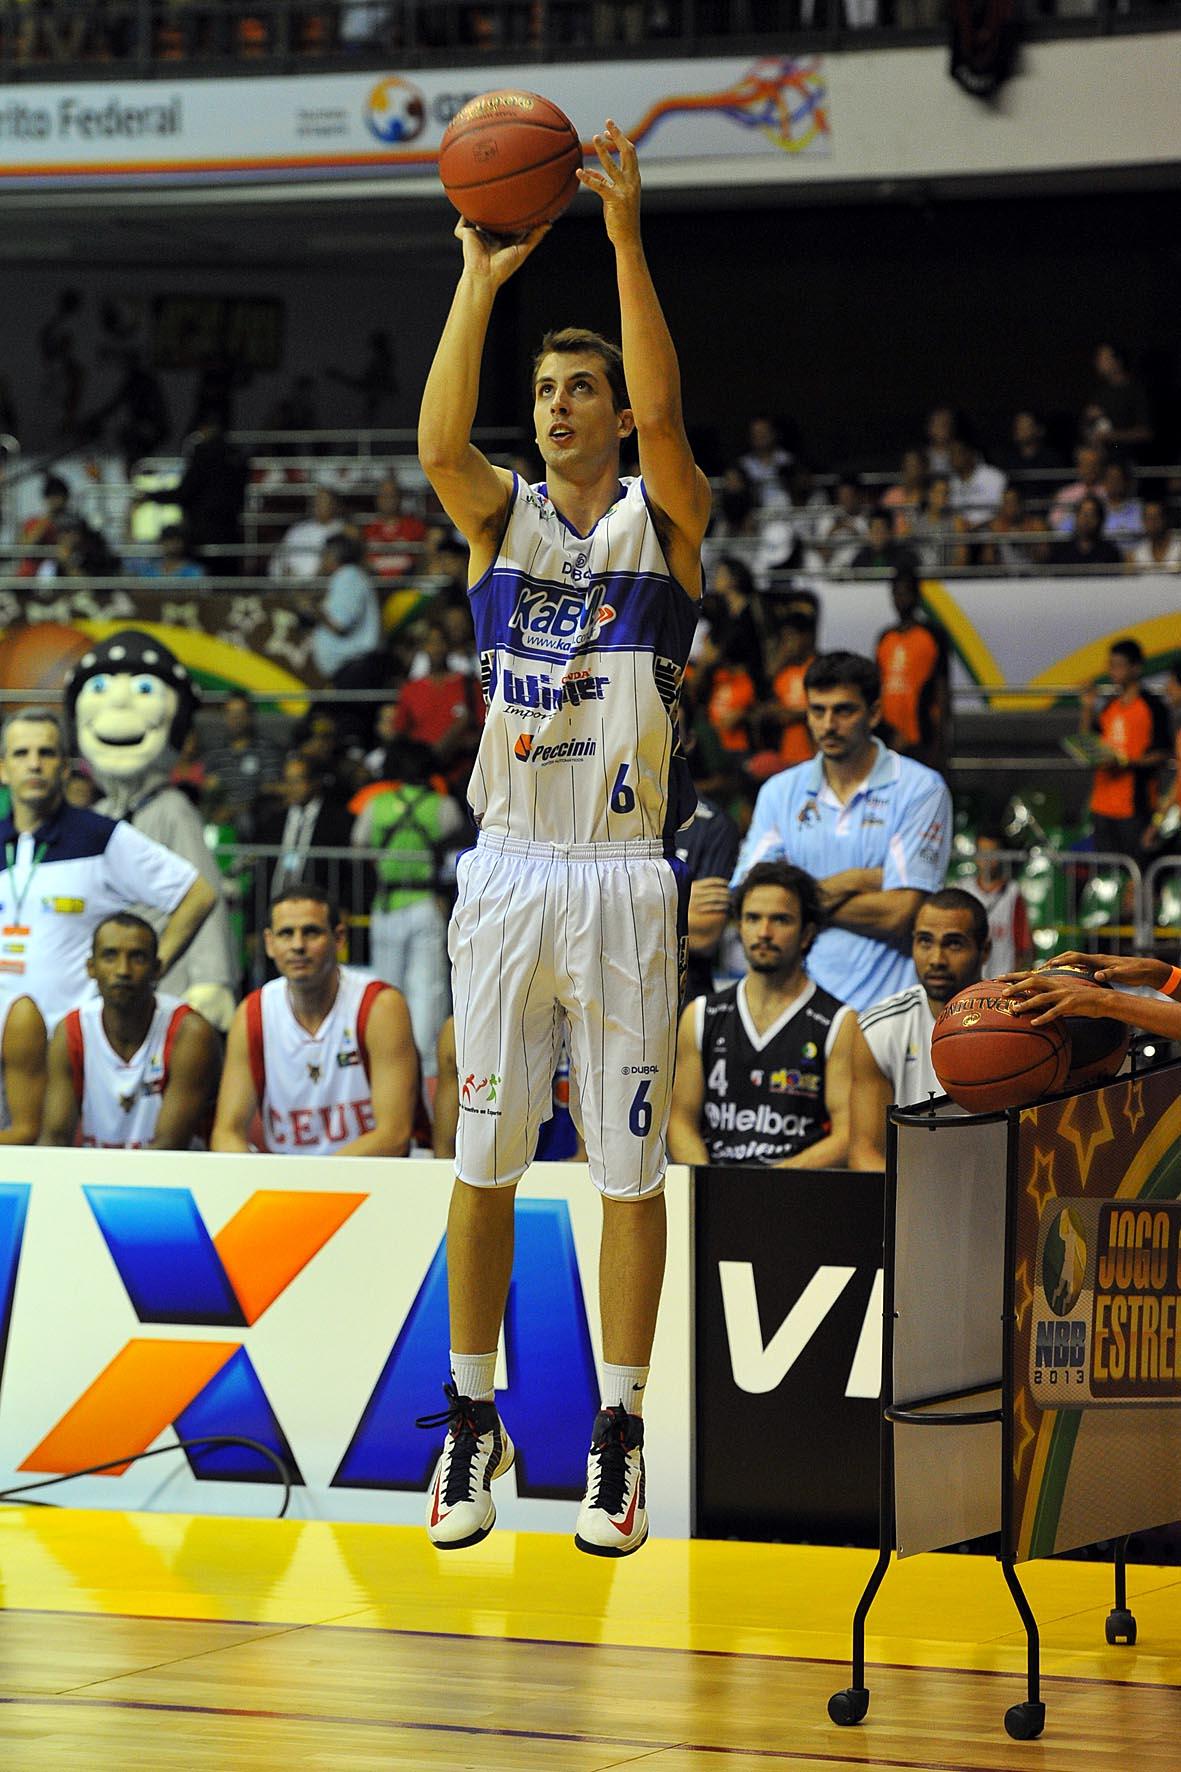 Matheus Dalla, do Limeira, campeão do Torneio de 3 pontos